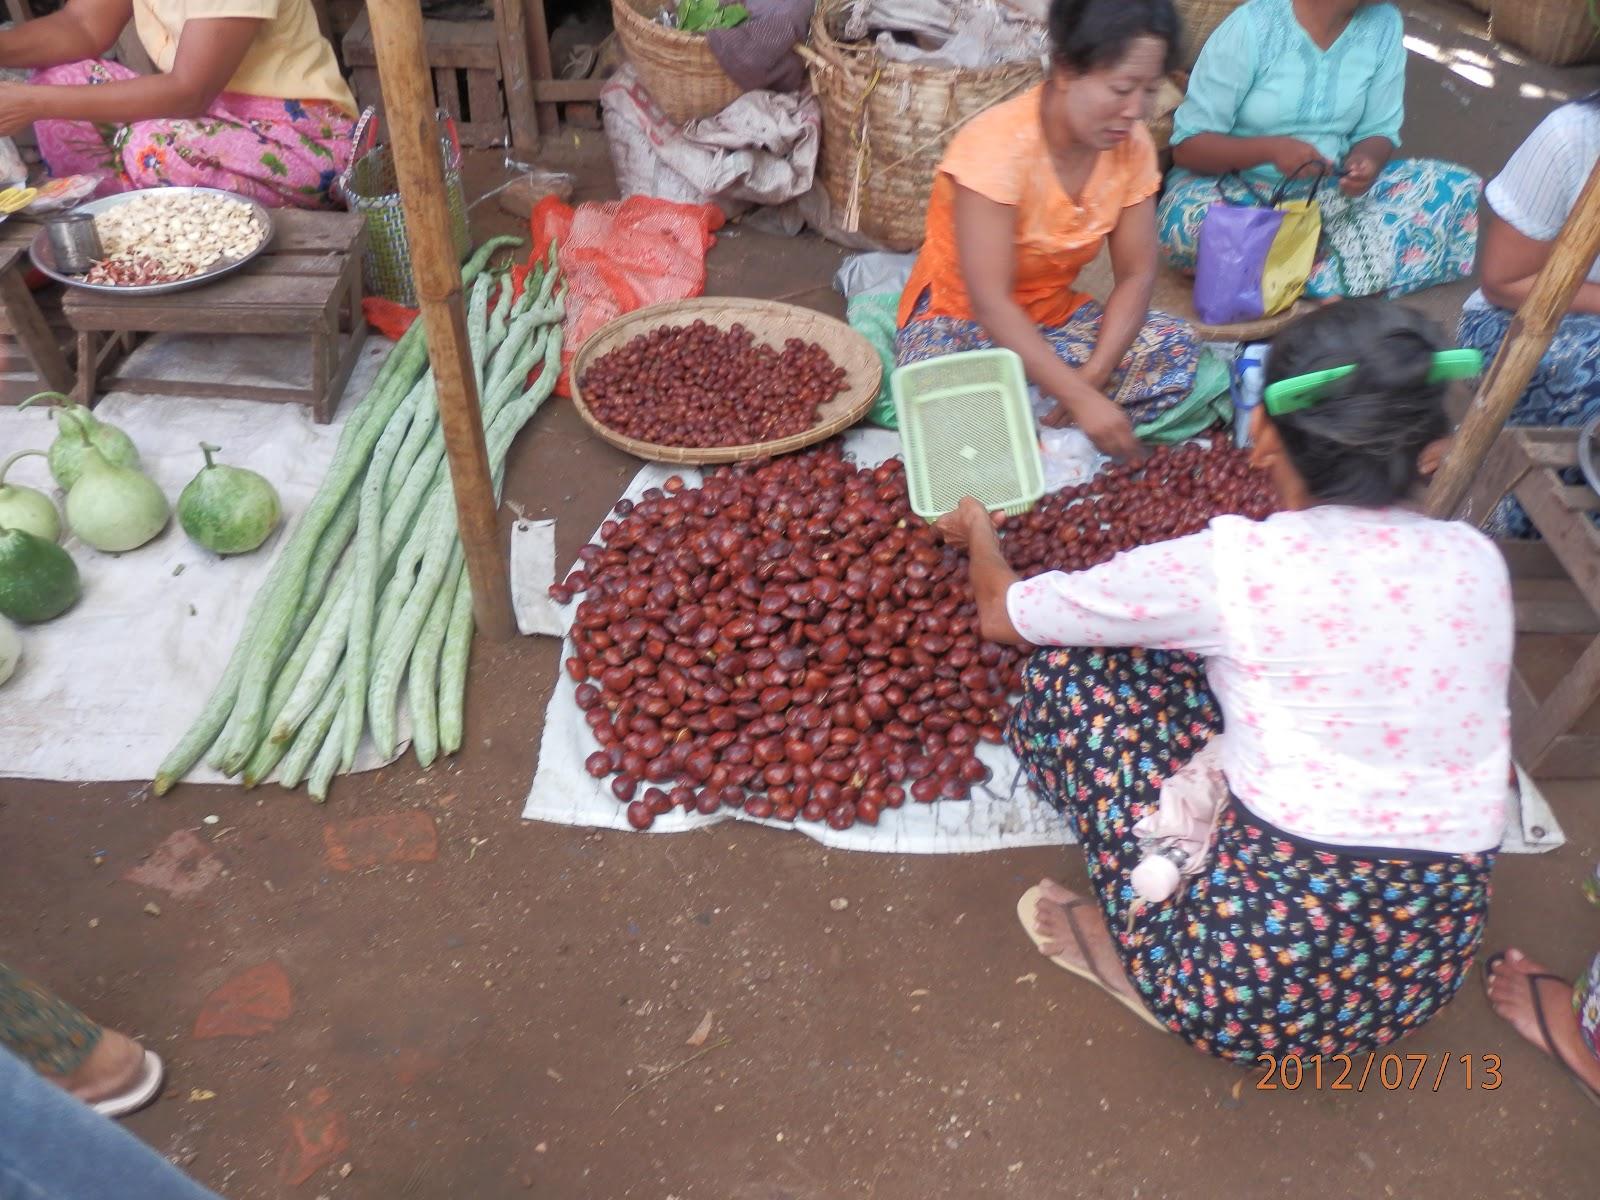 Annettes Heft: Myanmar: Nyuang Oo market scenes